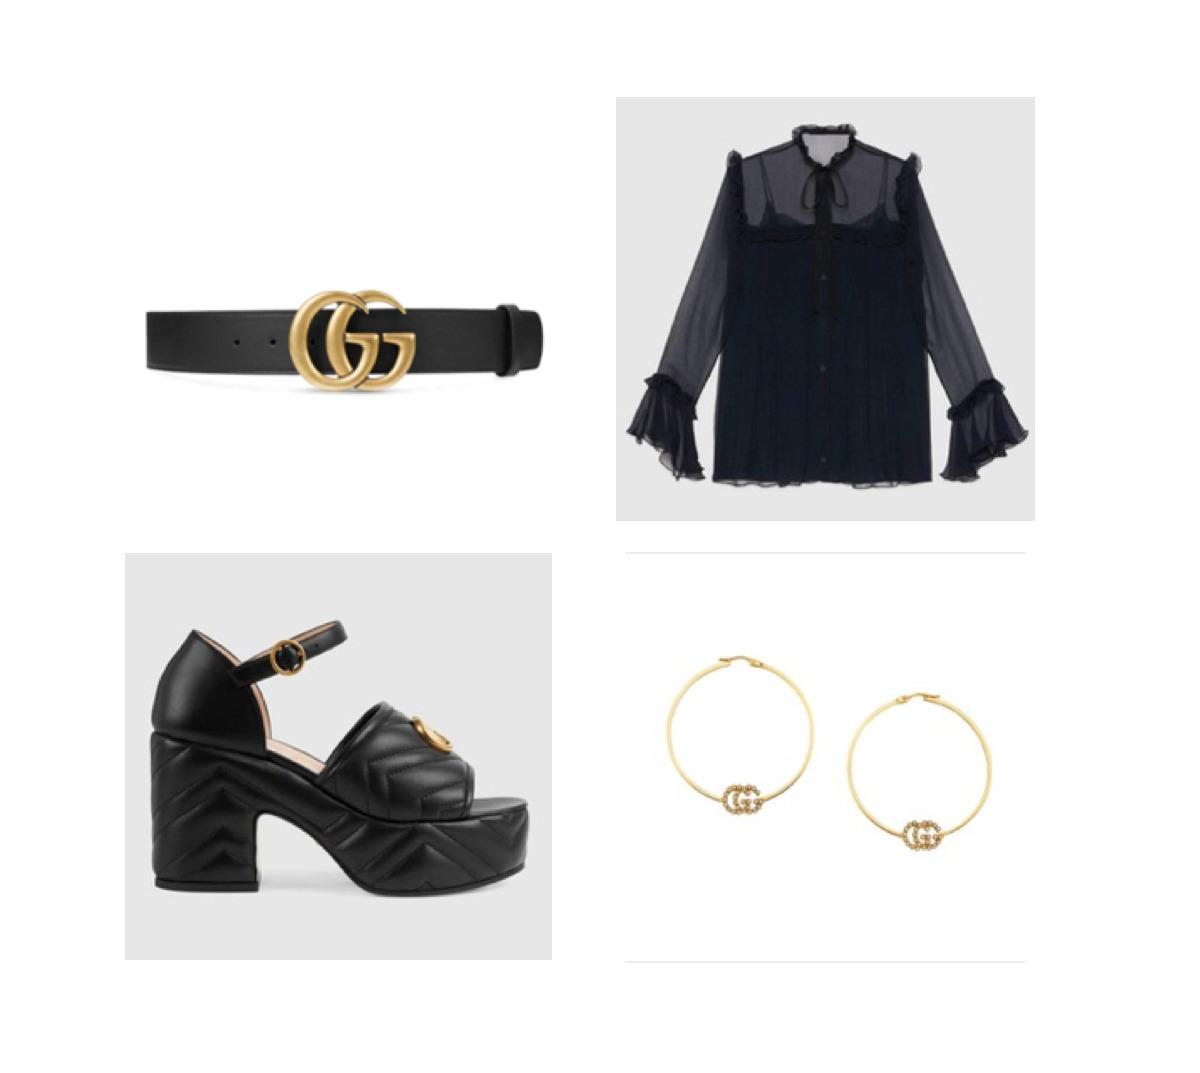 山本美月さんが【おしゃれイズム】で着用しているファッション・衣装(服・バッグ・アクセサリー・腕時計・靴など)やコーデ山本美月 衣装【おしゃれイズム】着用 ゴールドピアスのブランドはこちら♪